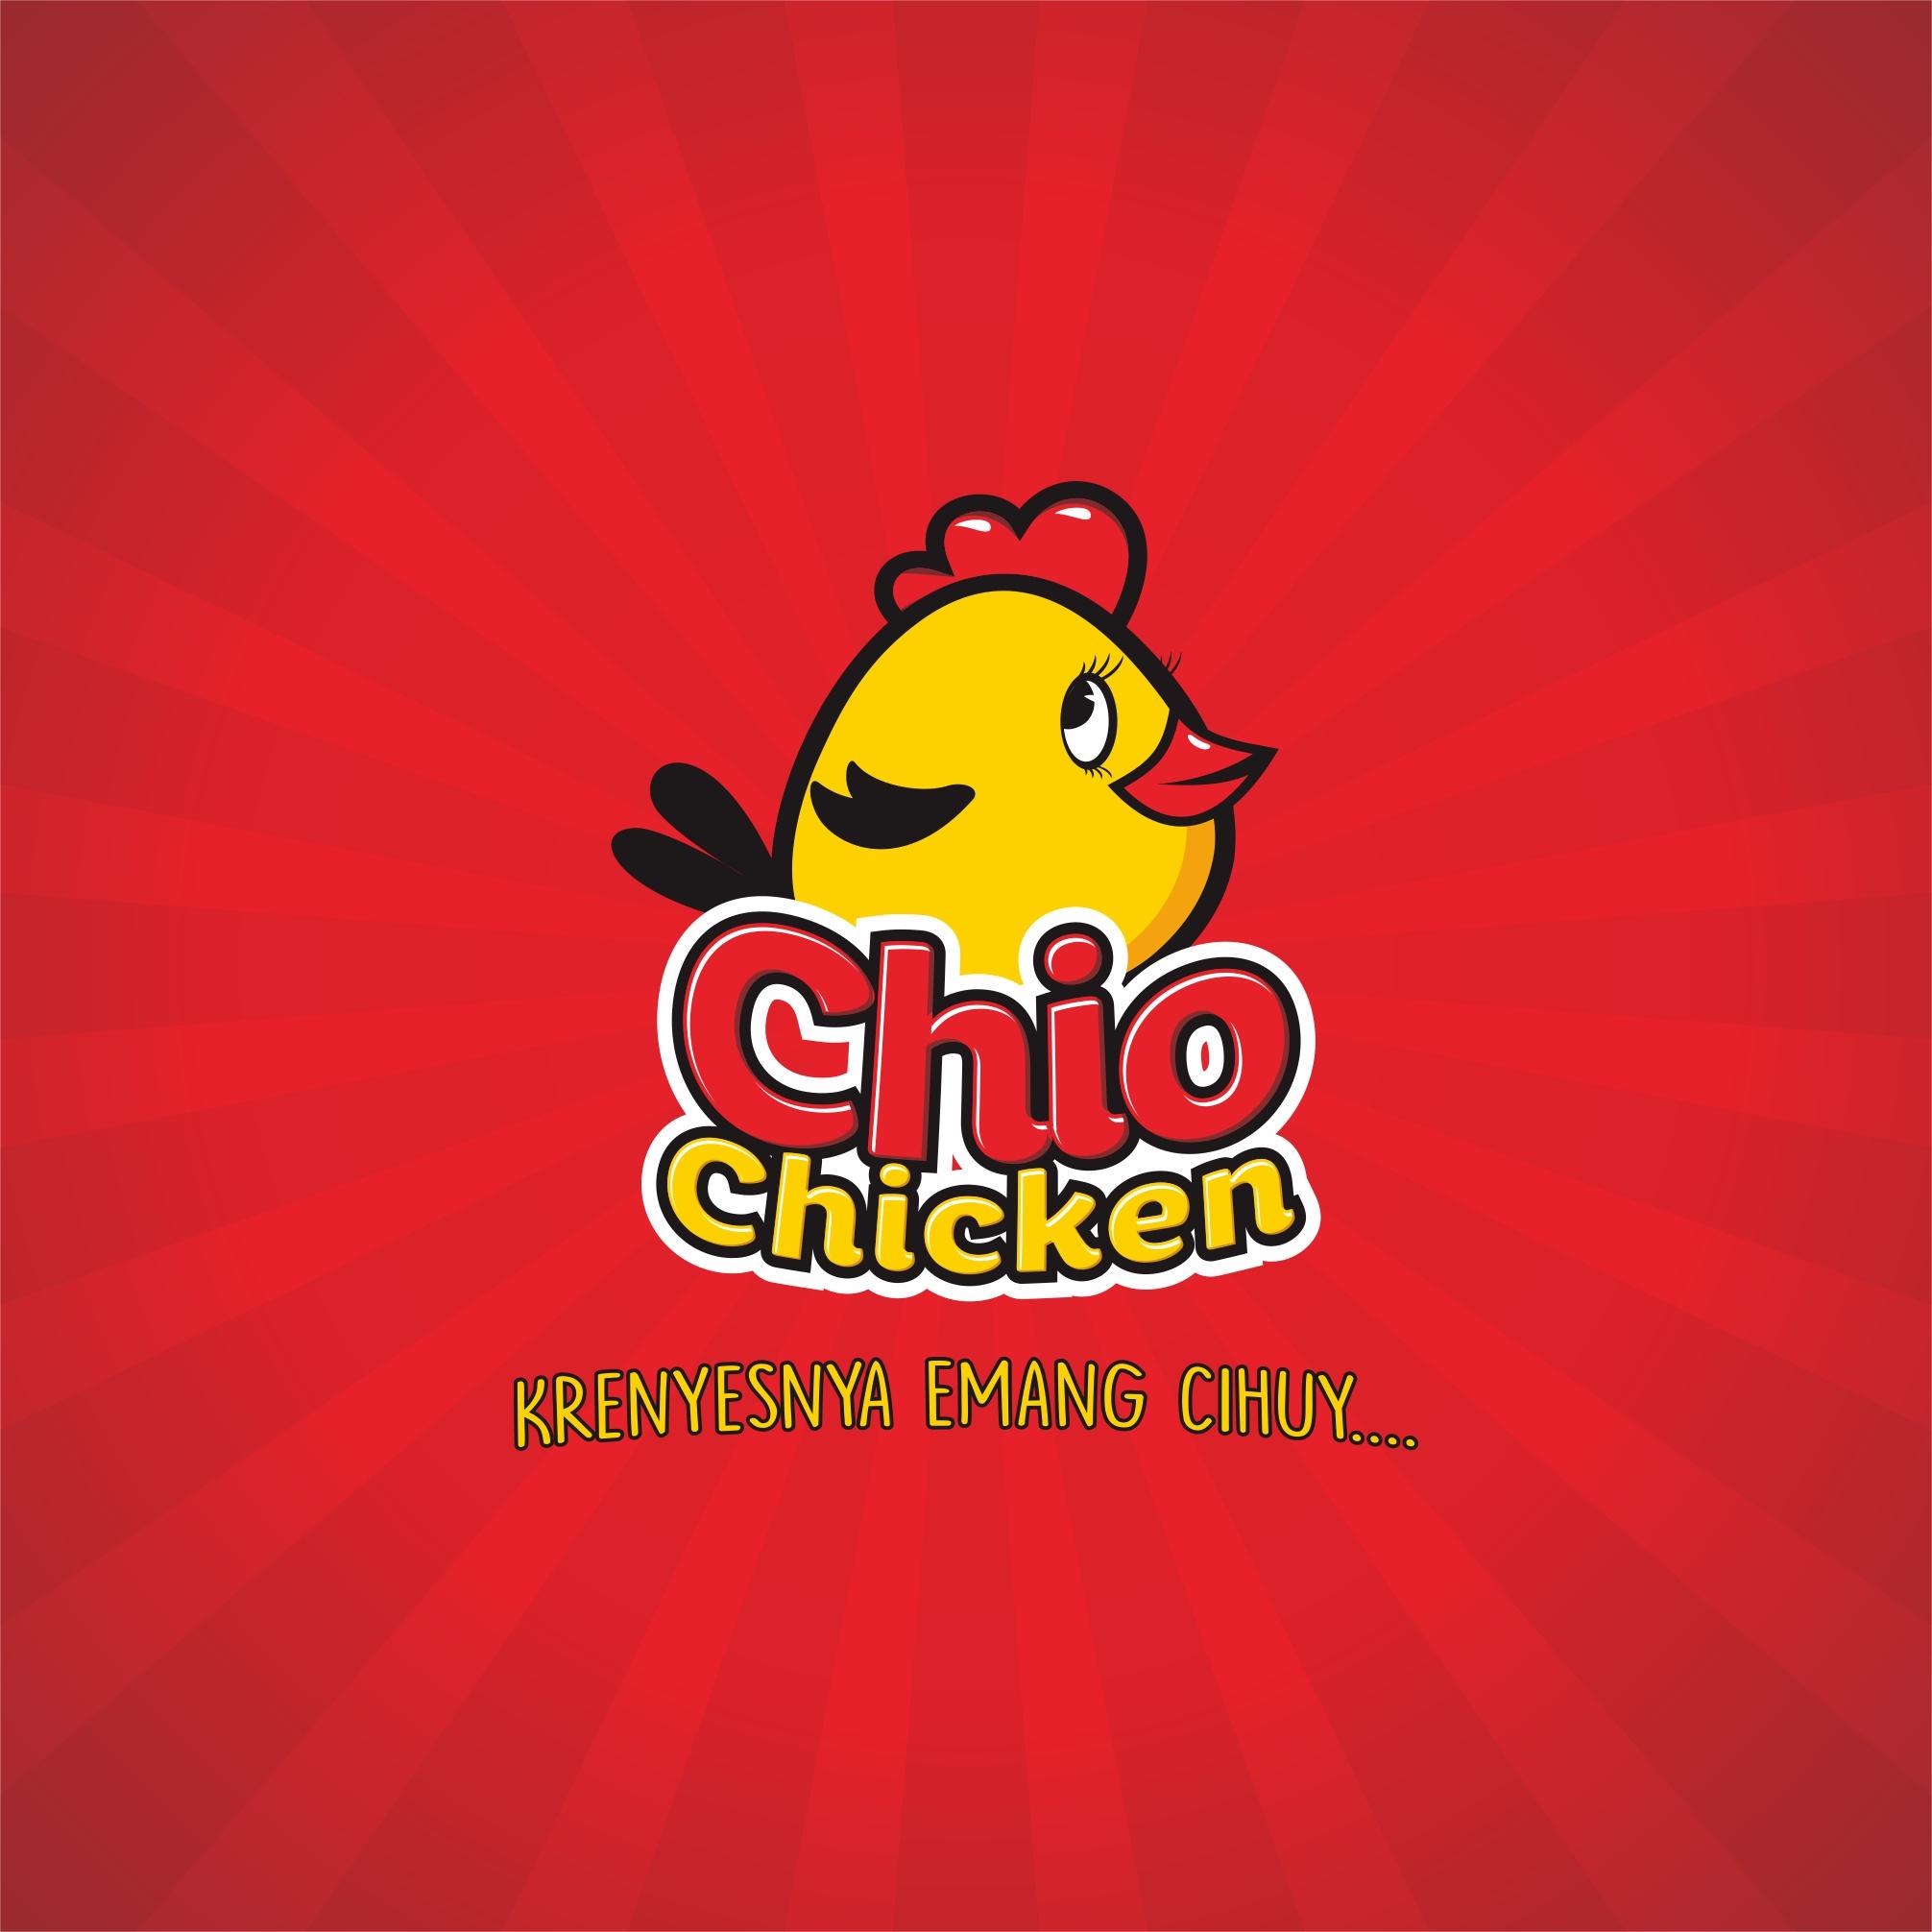 chio chicken